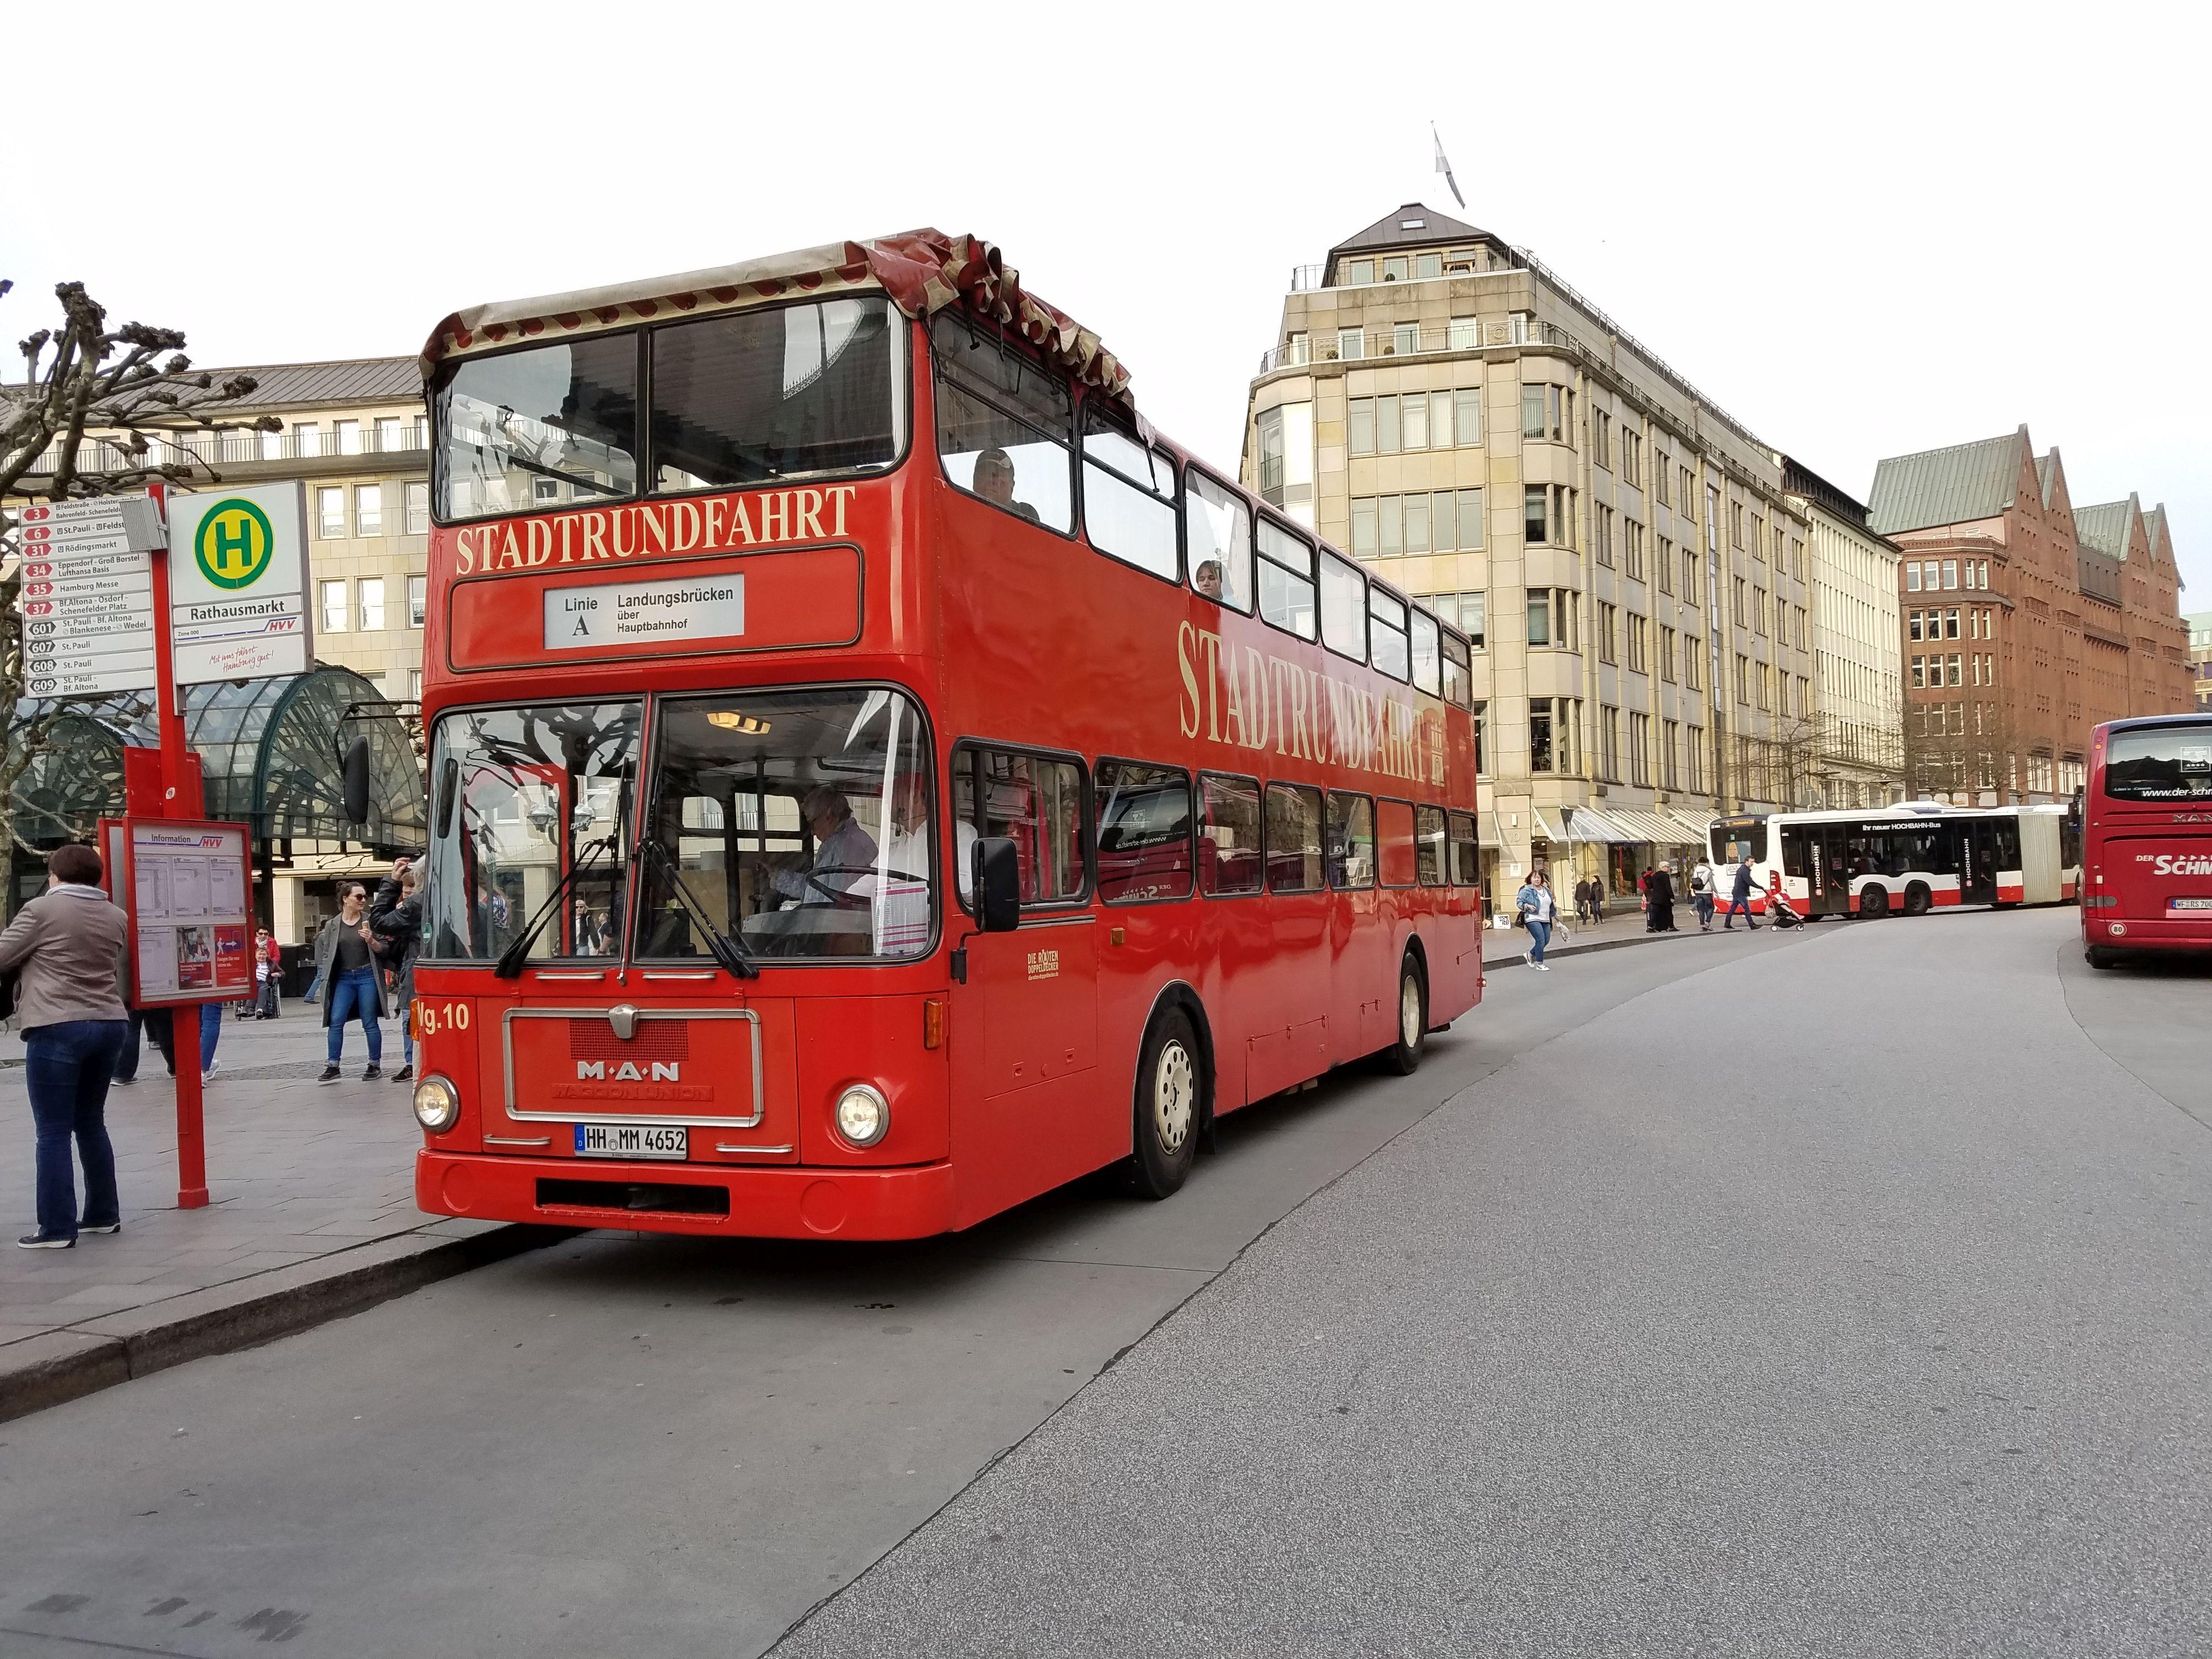 Foto: Bus 1921, Typ SD82, Stadtrundfahrtbus HH MM 4652, Hamburg, März 2017